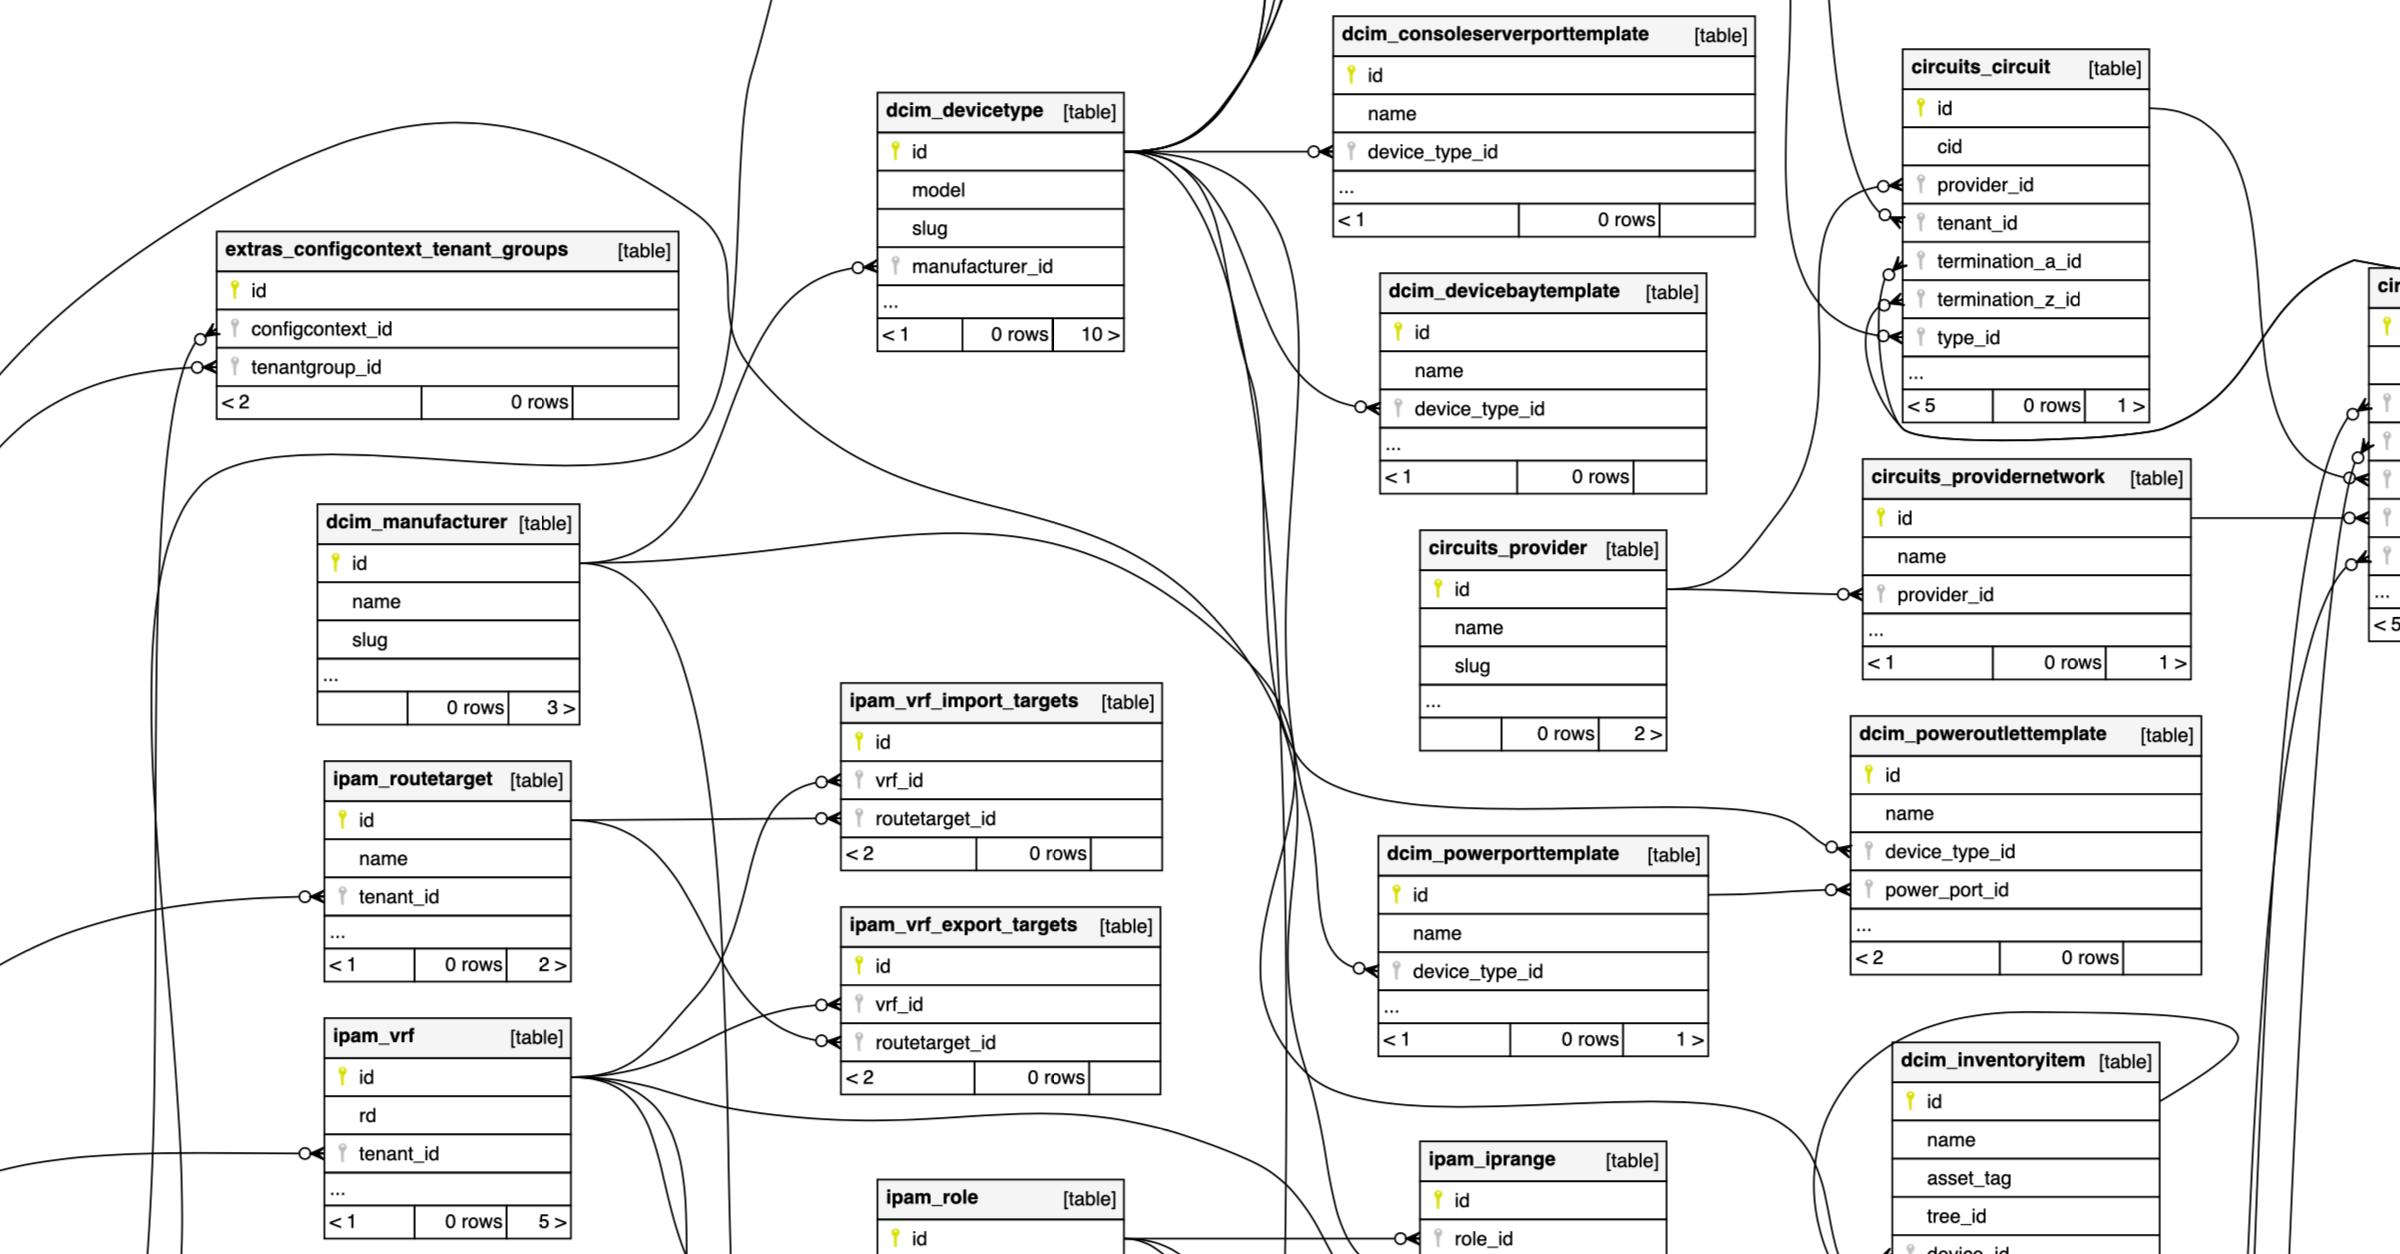 visualization of the netbox database